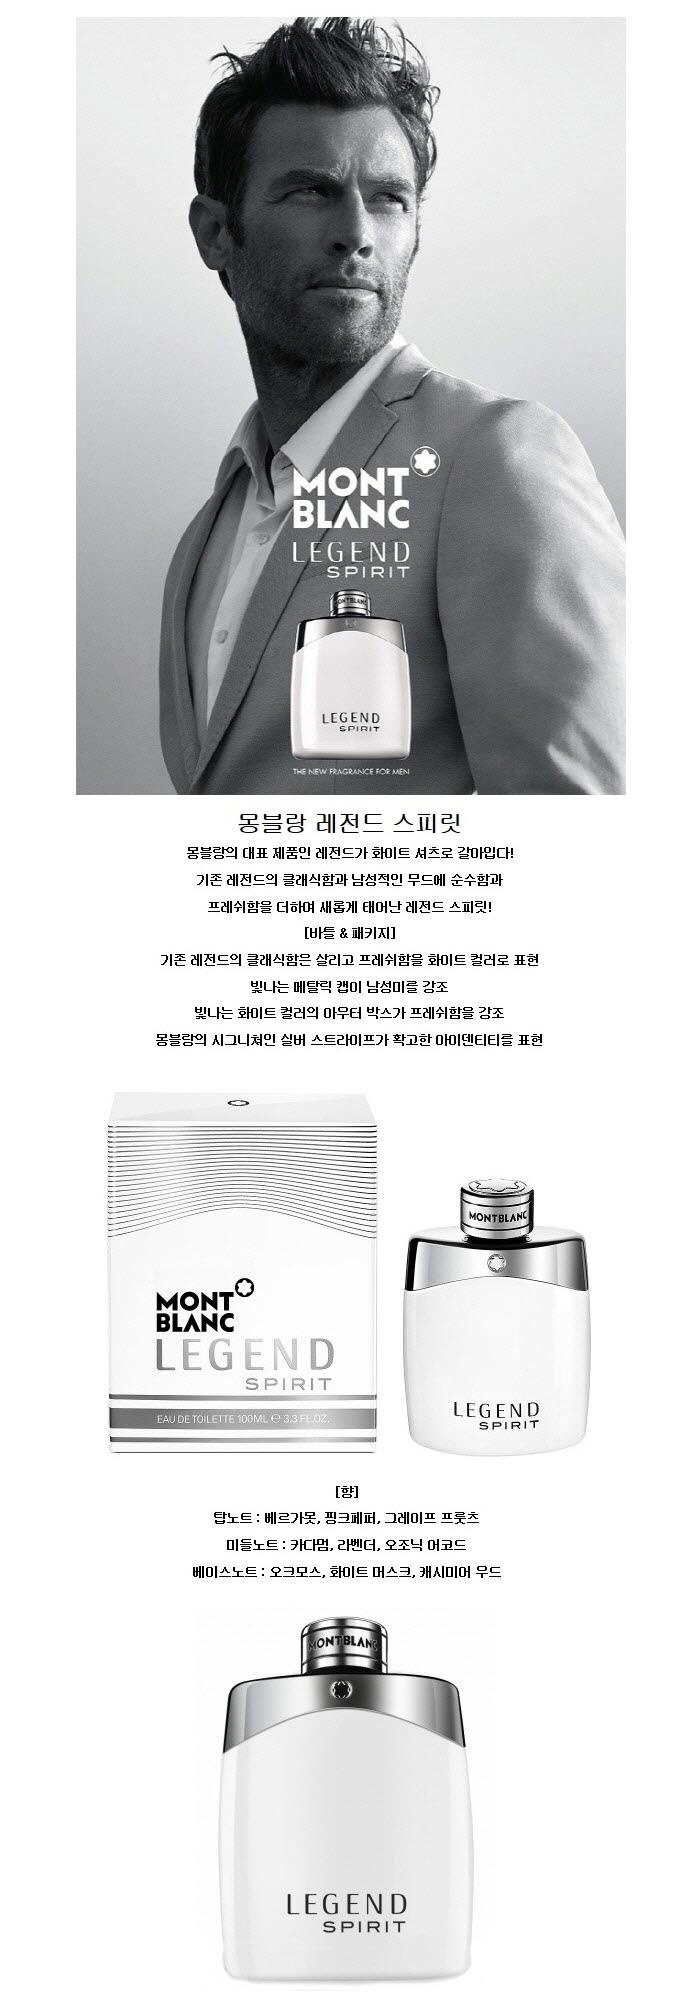 [몽블랑] 레젼드 스피릿 EDT 30ml 특가행사/무료배송